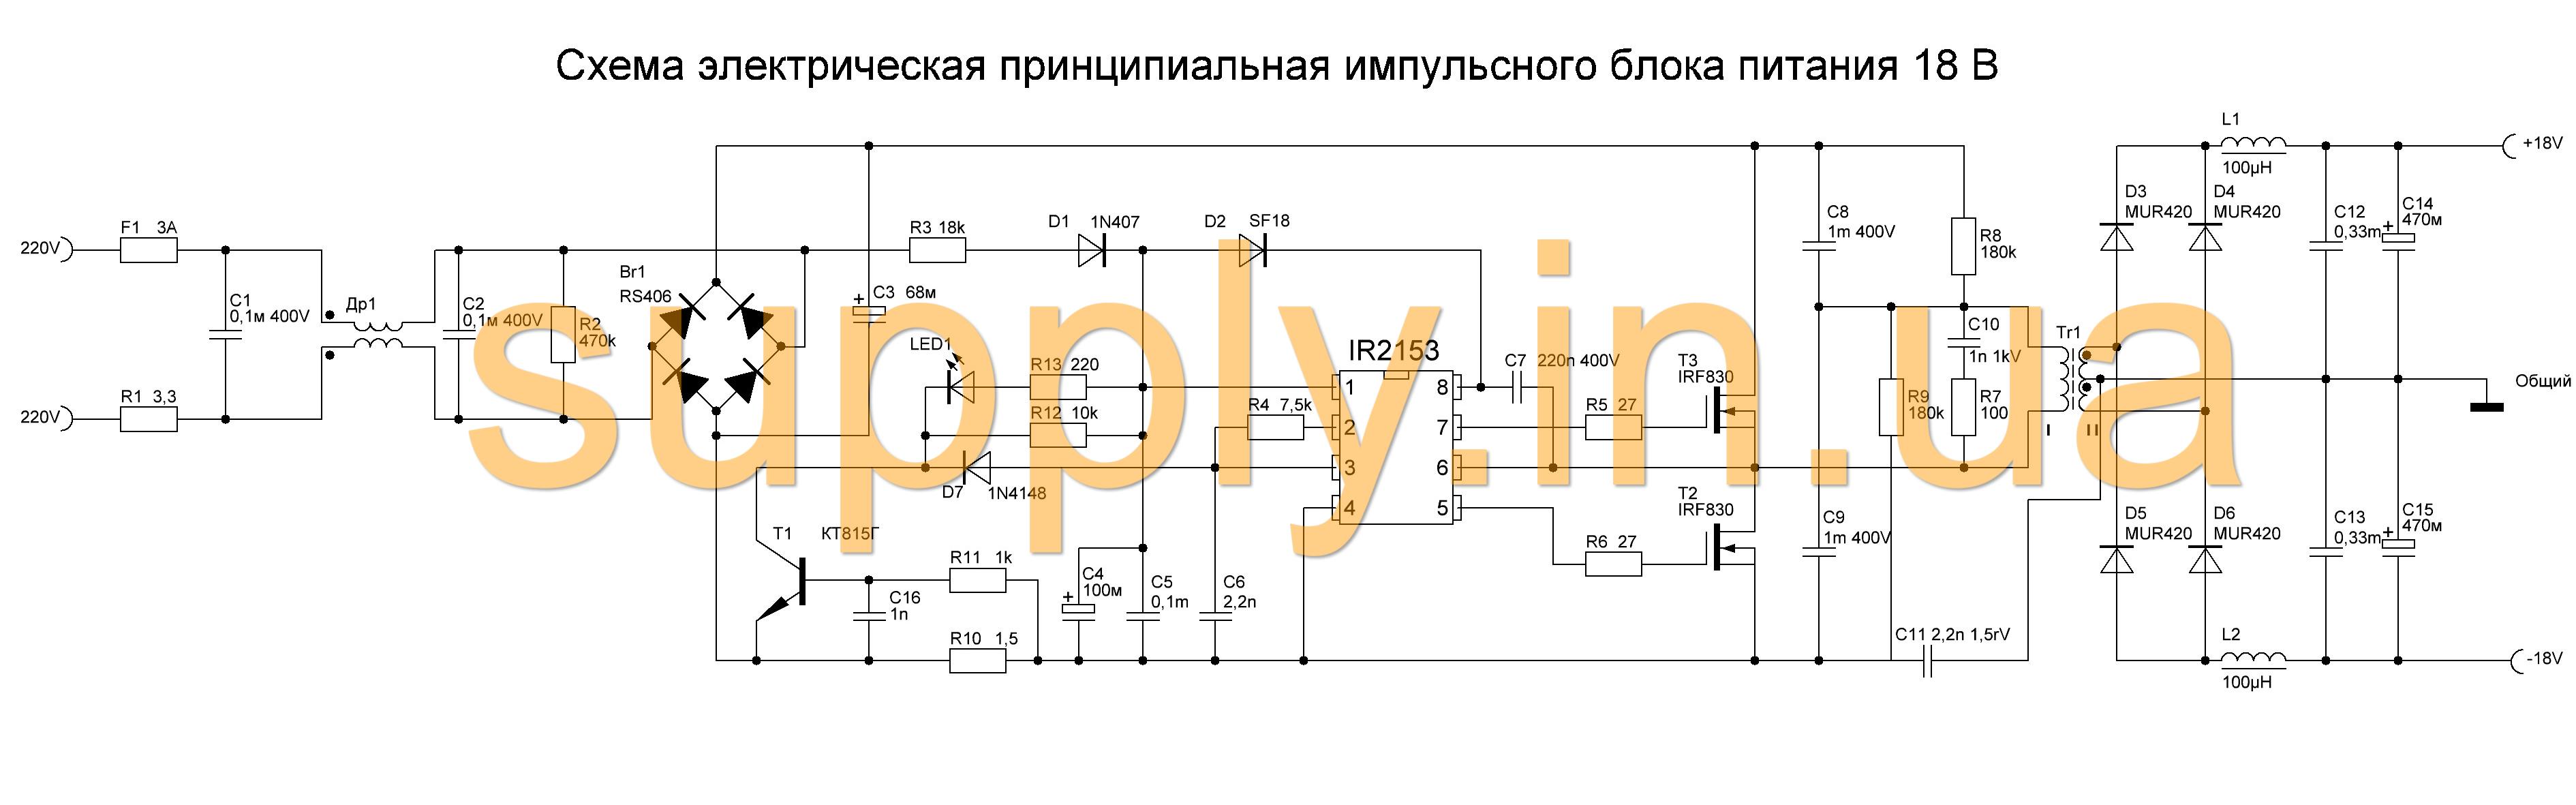 Принципиальная схема Блока питания ASUS EXA1004EH